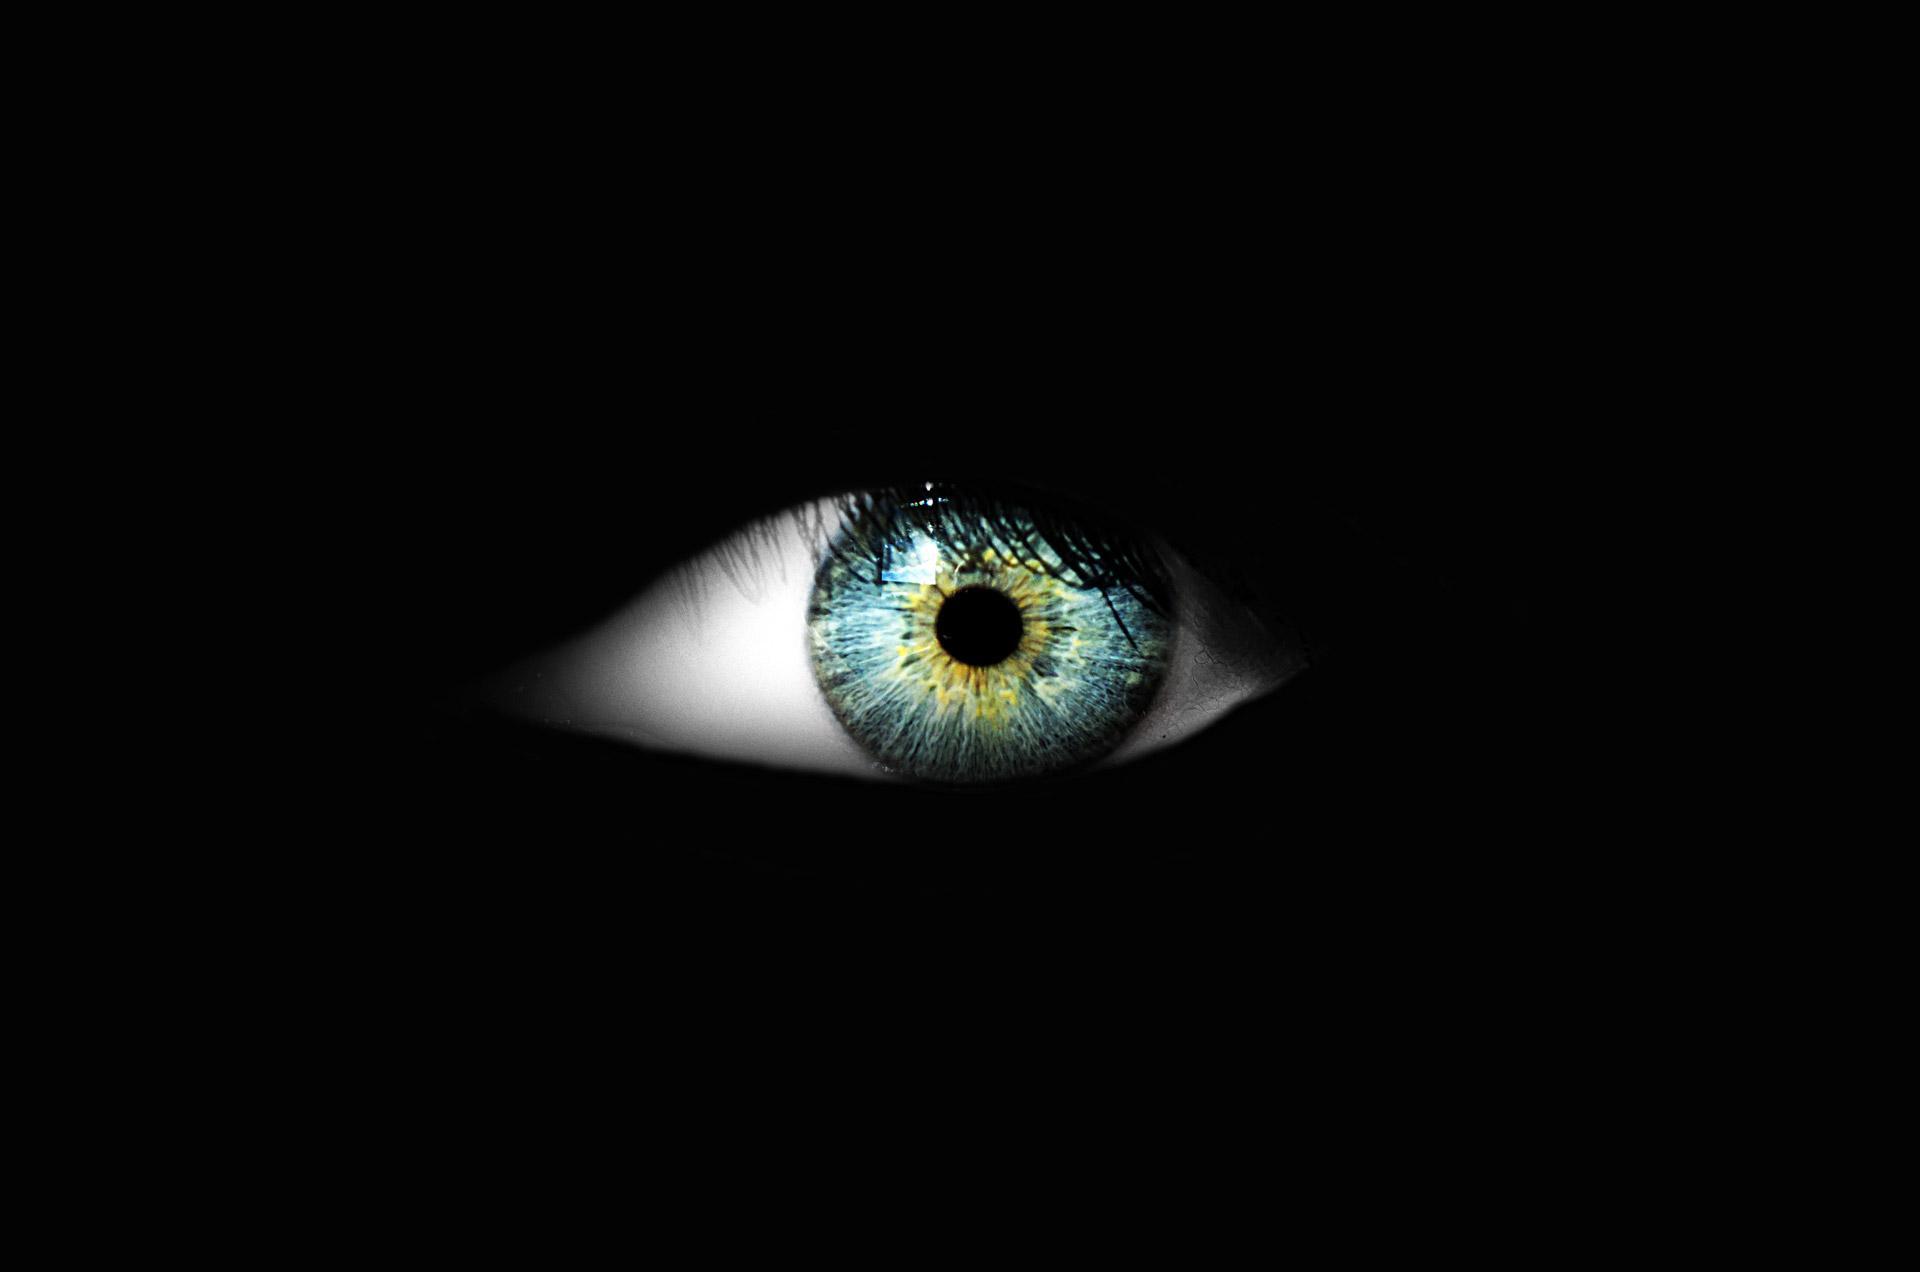 eye-1348825358vkp